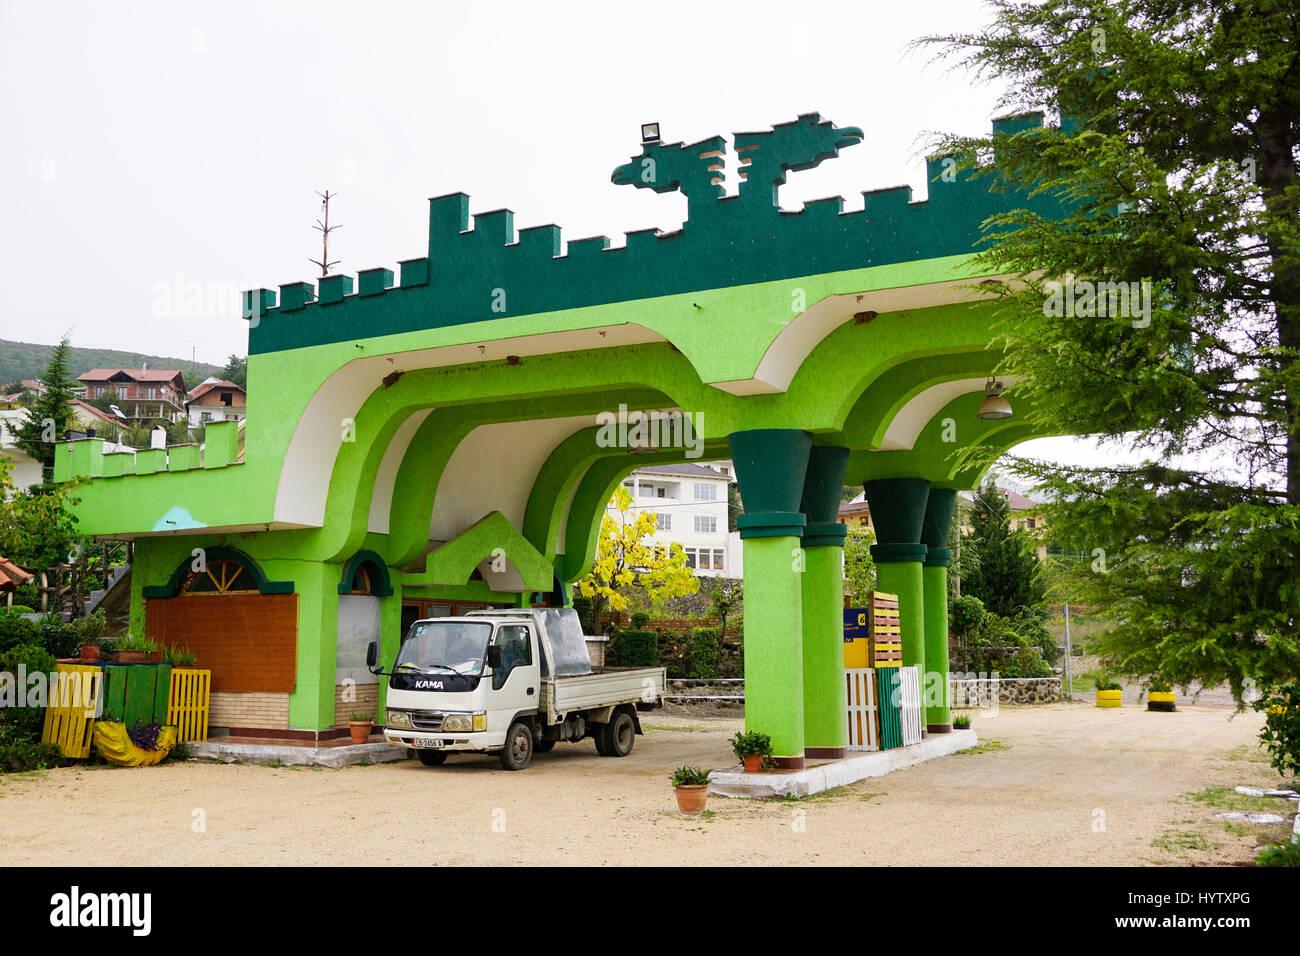 Einzigartige Architektur der Tankstelle in Albanien. Stockbild